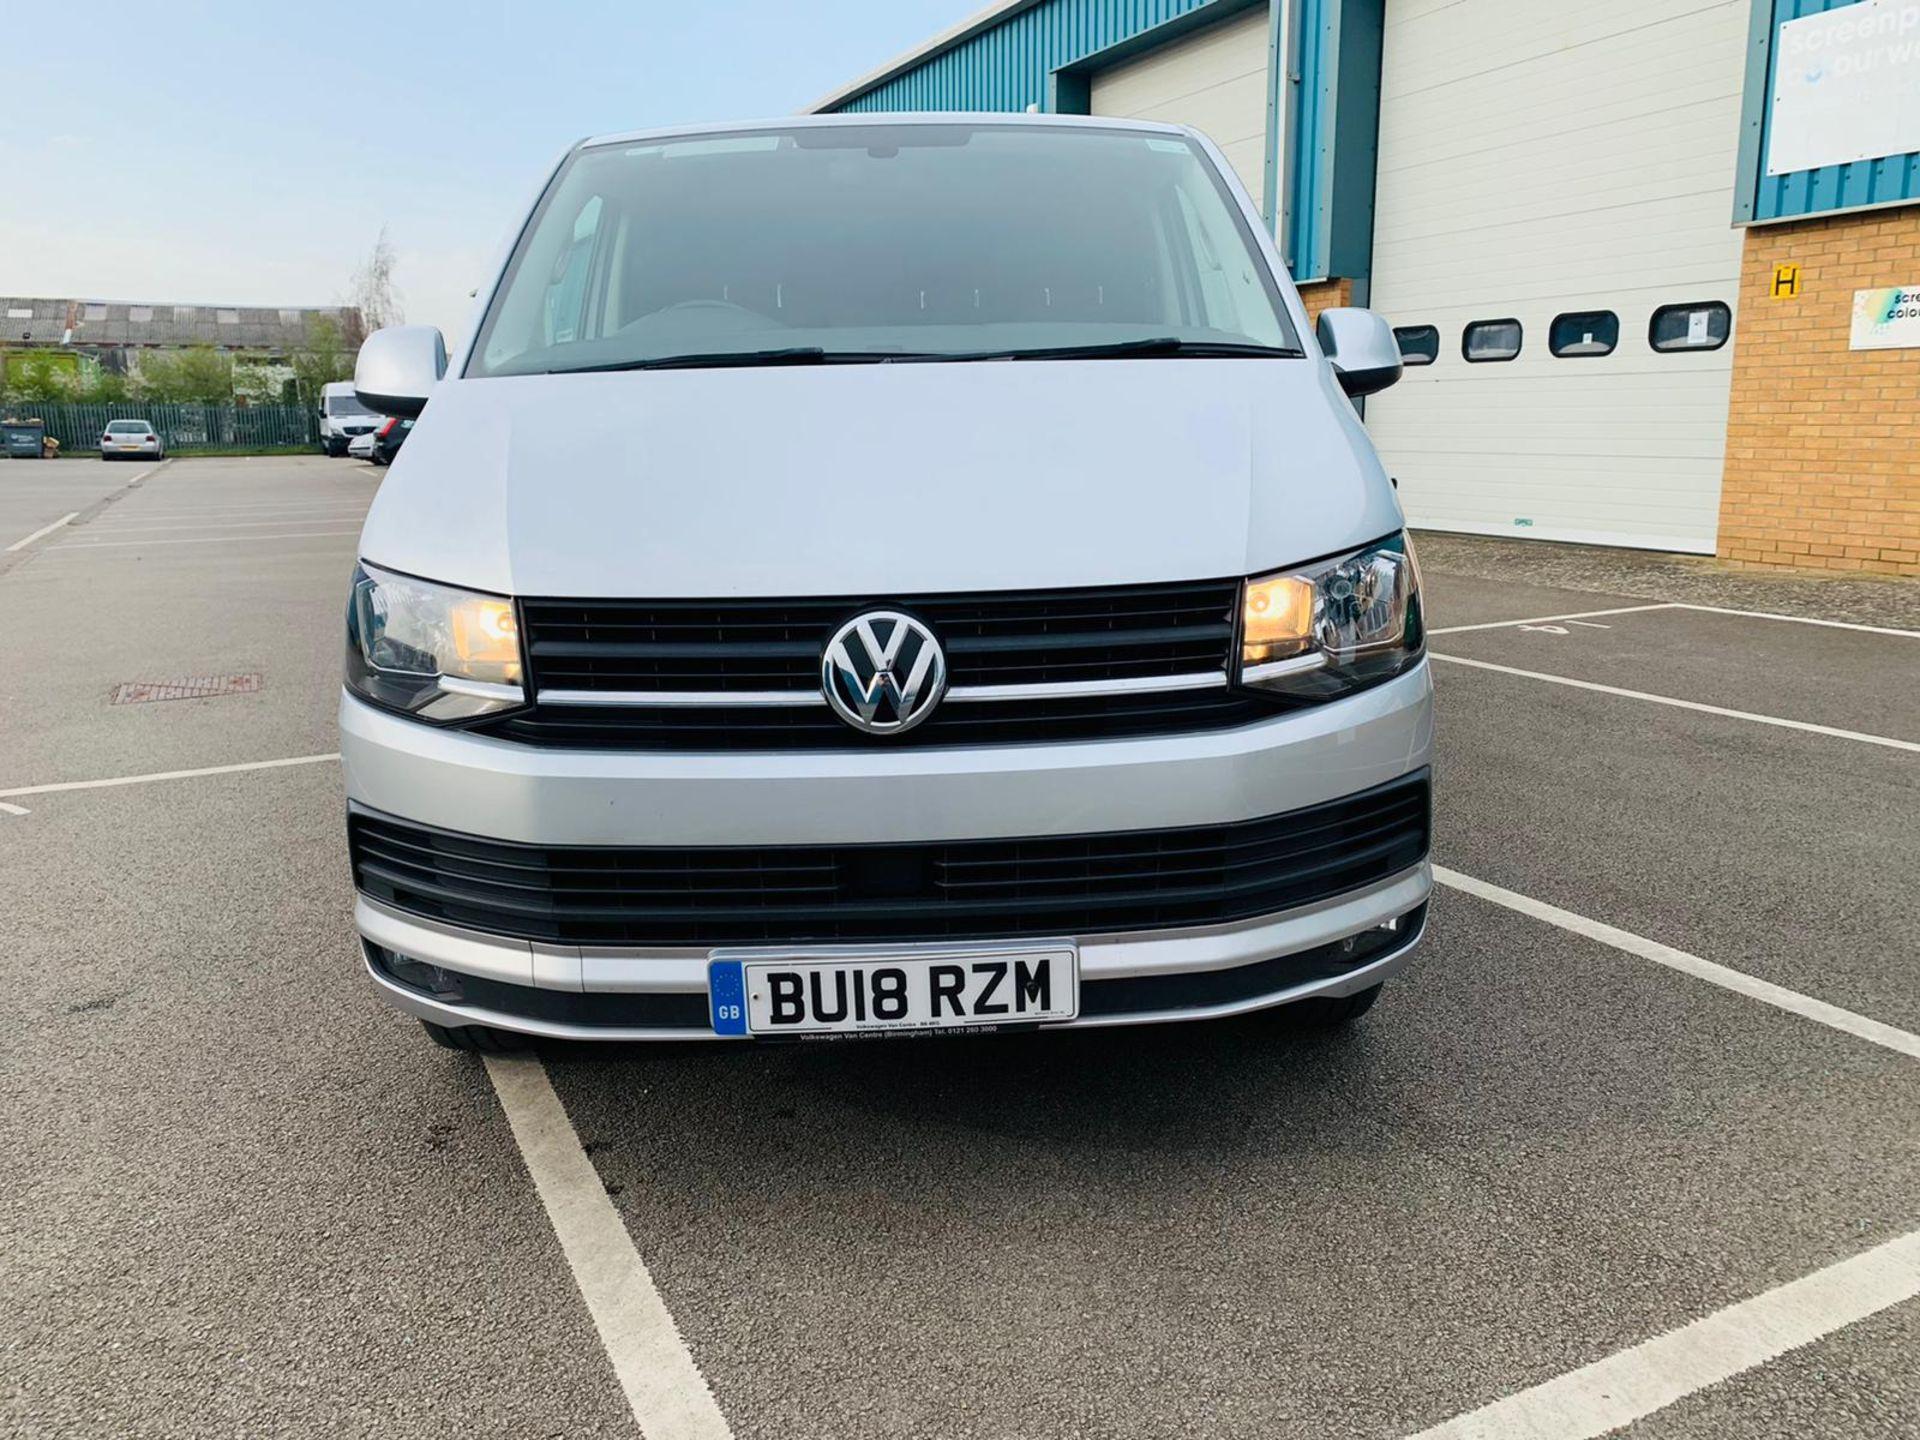 (RESERVE MET) Volkswagen (VW) Transporter 2.0 TDI 150 Highline T28 2018 18 Reg - Parking Sensors - - Image 5 of 23